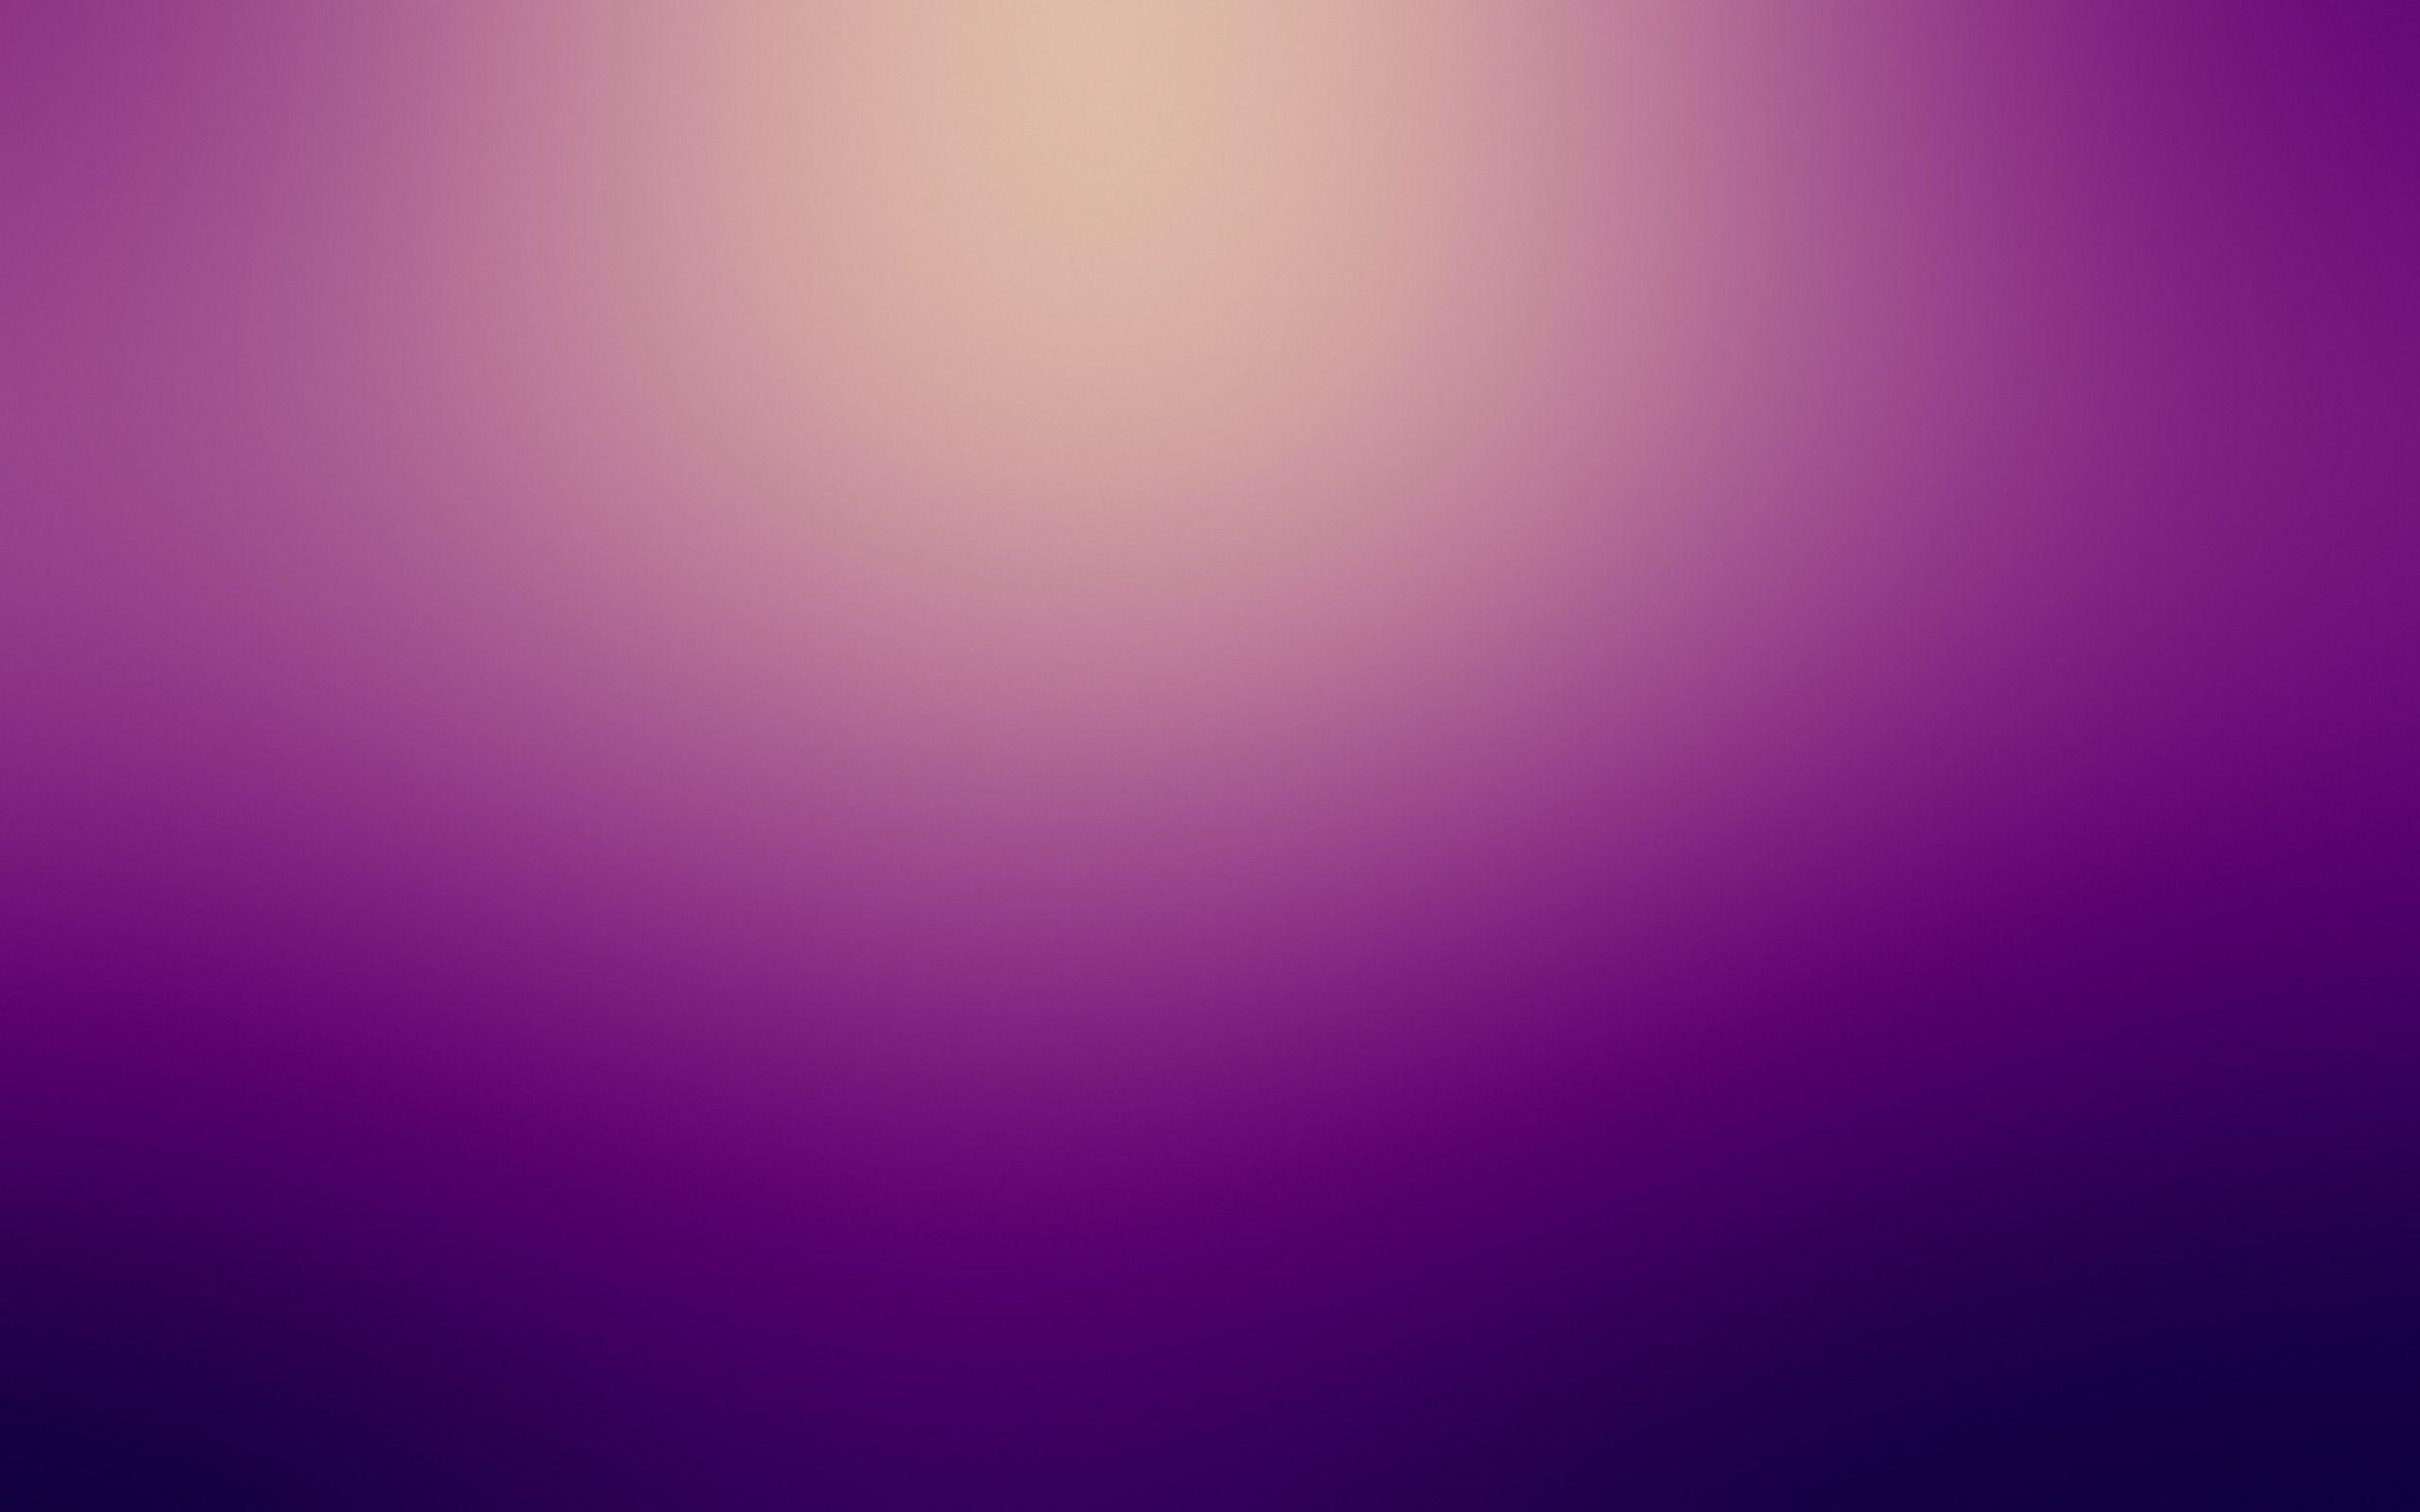 Purple gaussian blur backgrounds wallpaper